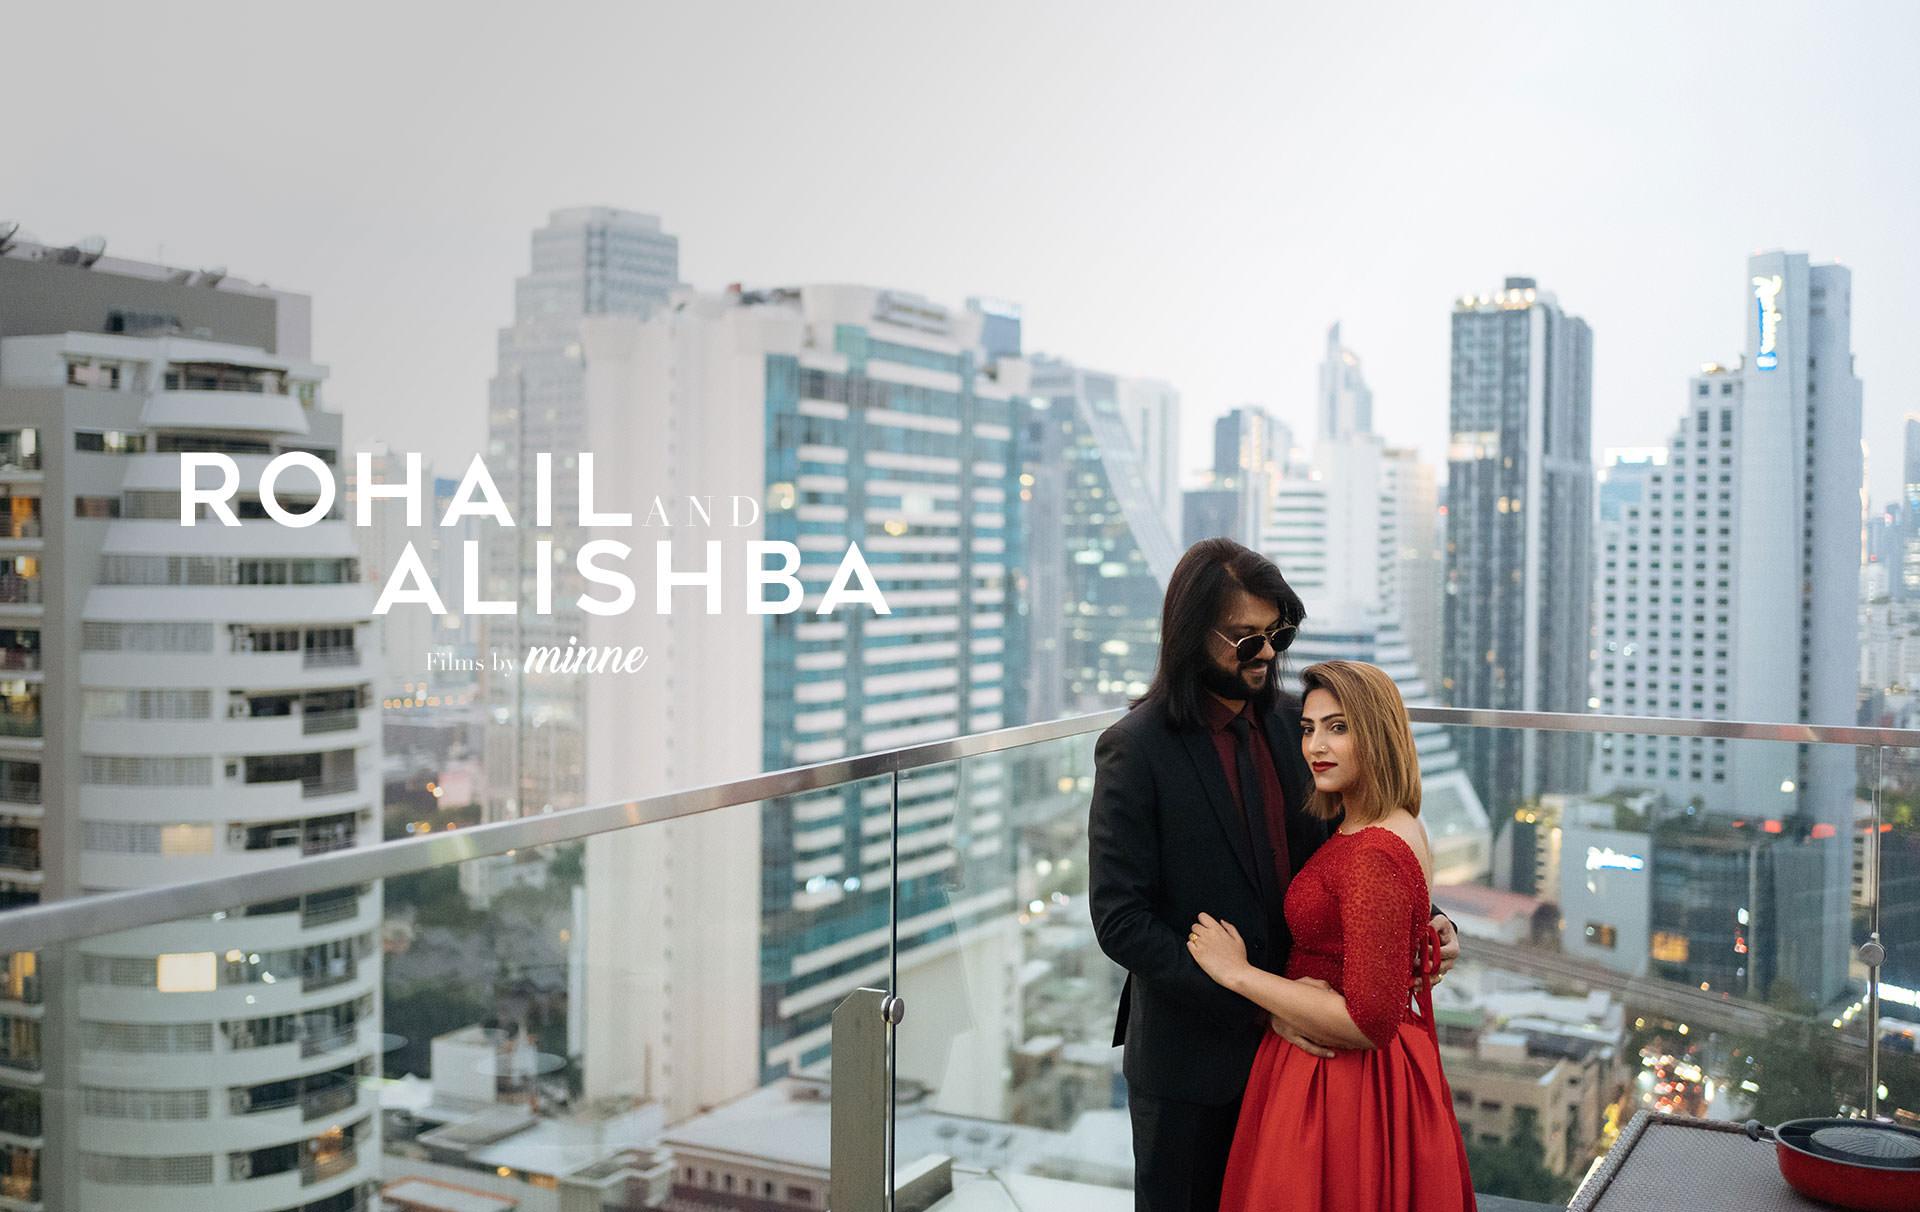 Sky on 20 Birthday Film Rohail & Alishba at Novotel Bangkok Sukhumvit 20